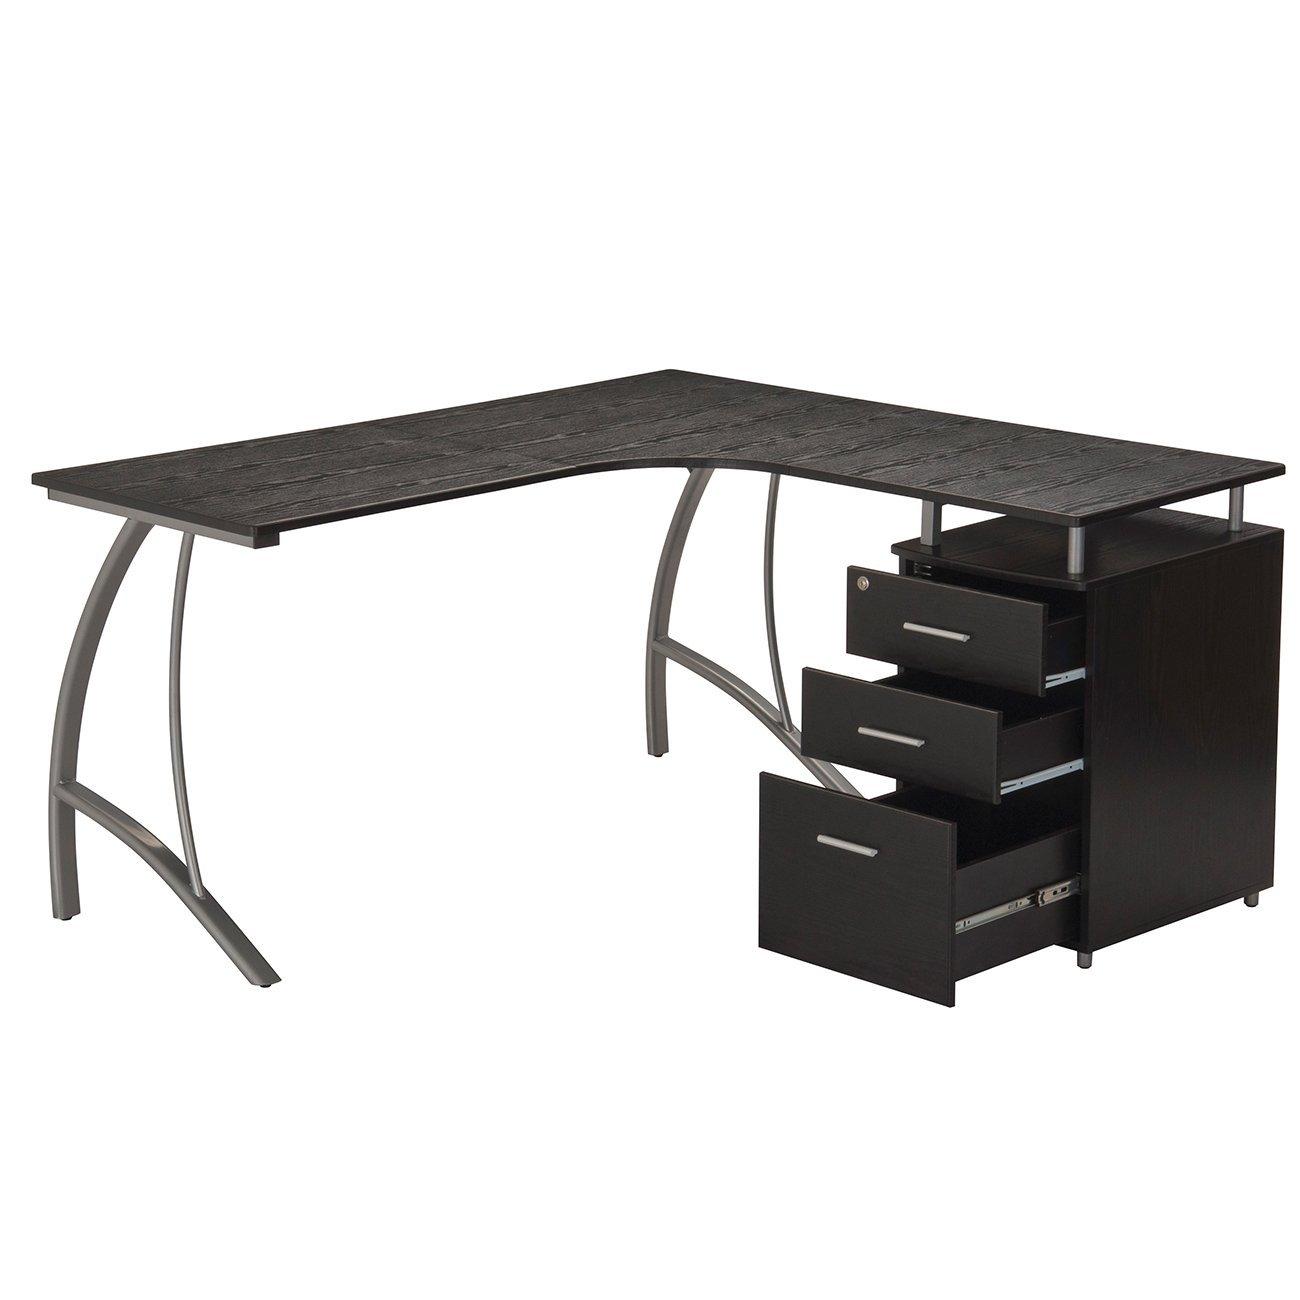 TECHNI MOBILI Modern L- Shaped Computer Desk with File Cabinet and Storage - Espresso